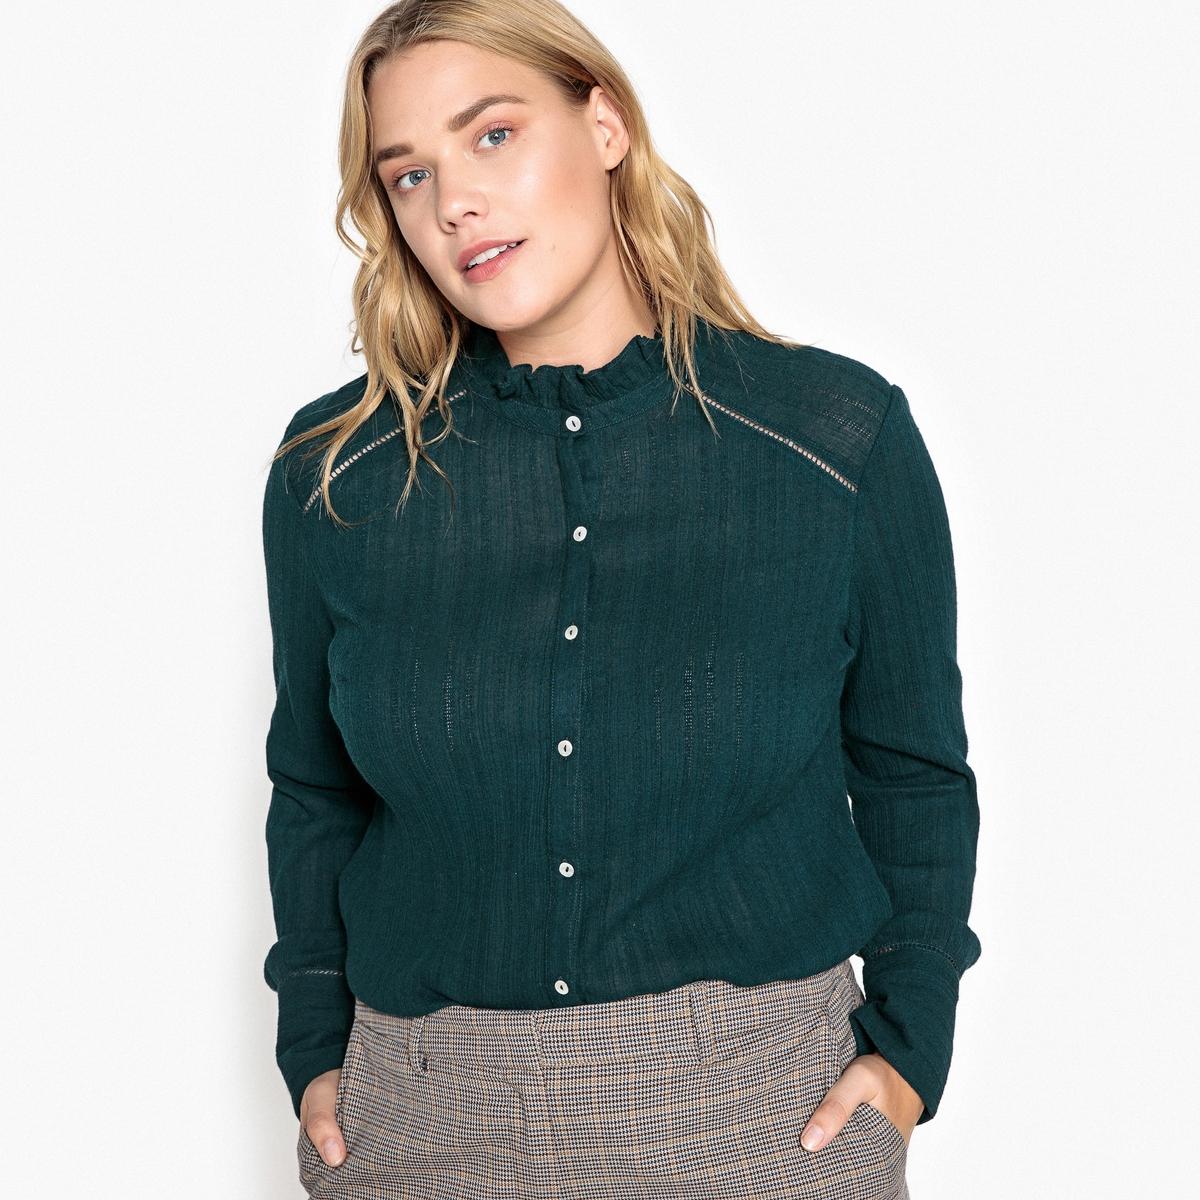 Camisa com gola subida, mangas compridas, puro algodão